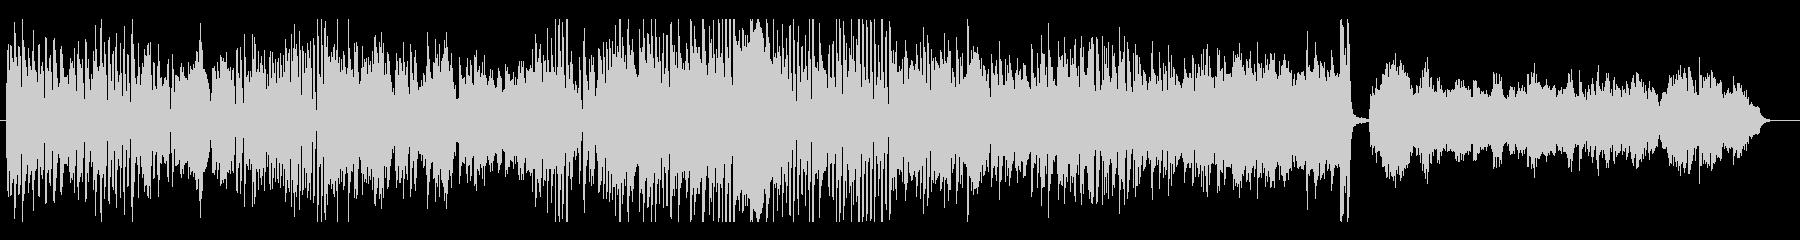 ピアノ連弾によるパワフルなポップスの未再生の波形